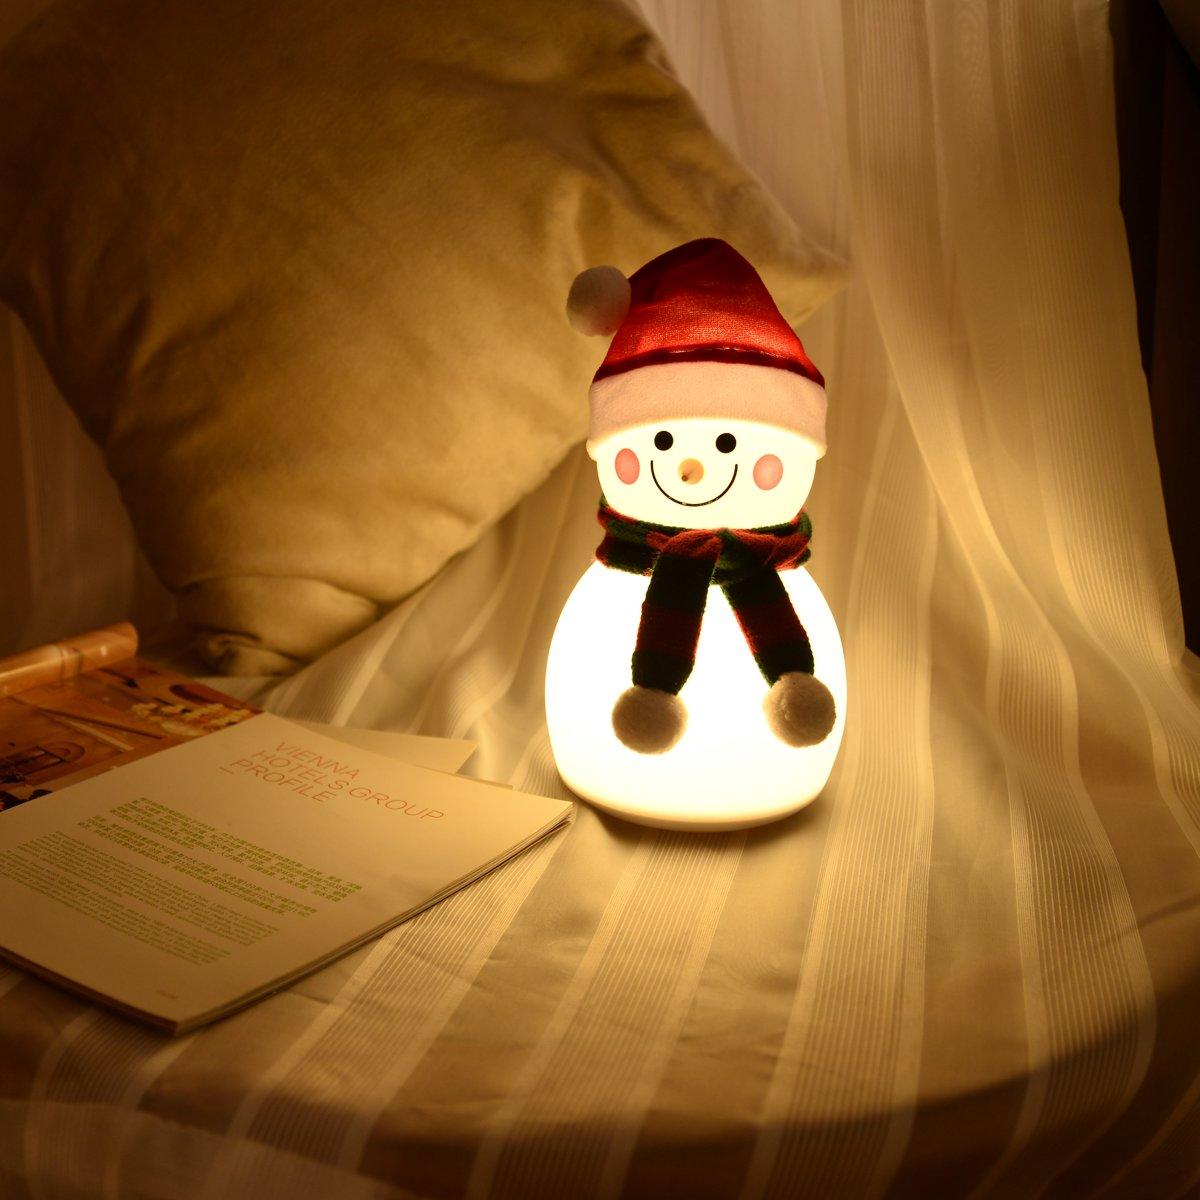 FlinQ Sneeuwpop LED Lamp - Oplaadbare Sneeuwpop - Iceman met Muziekfunctie - Winterse Huissfeer kopen